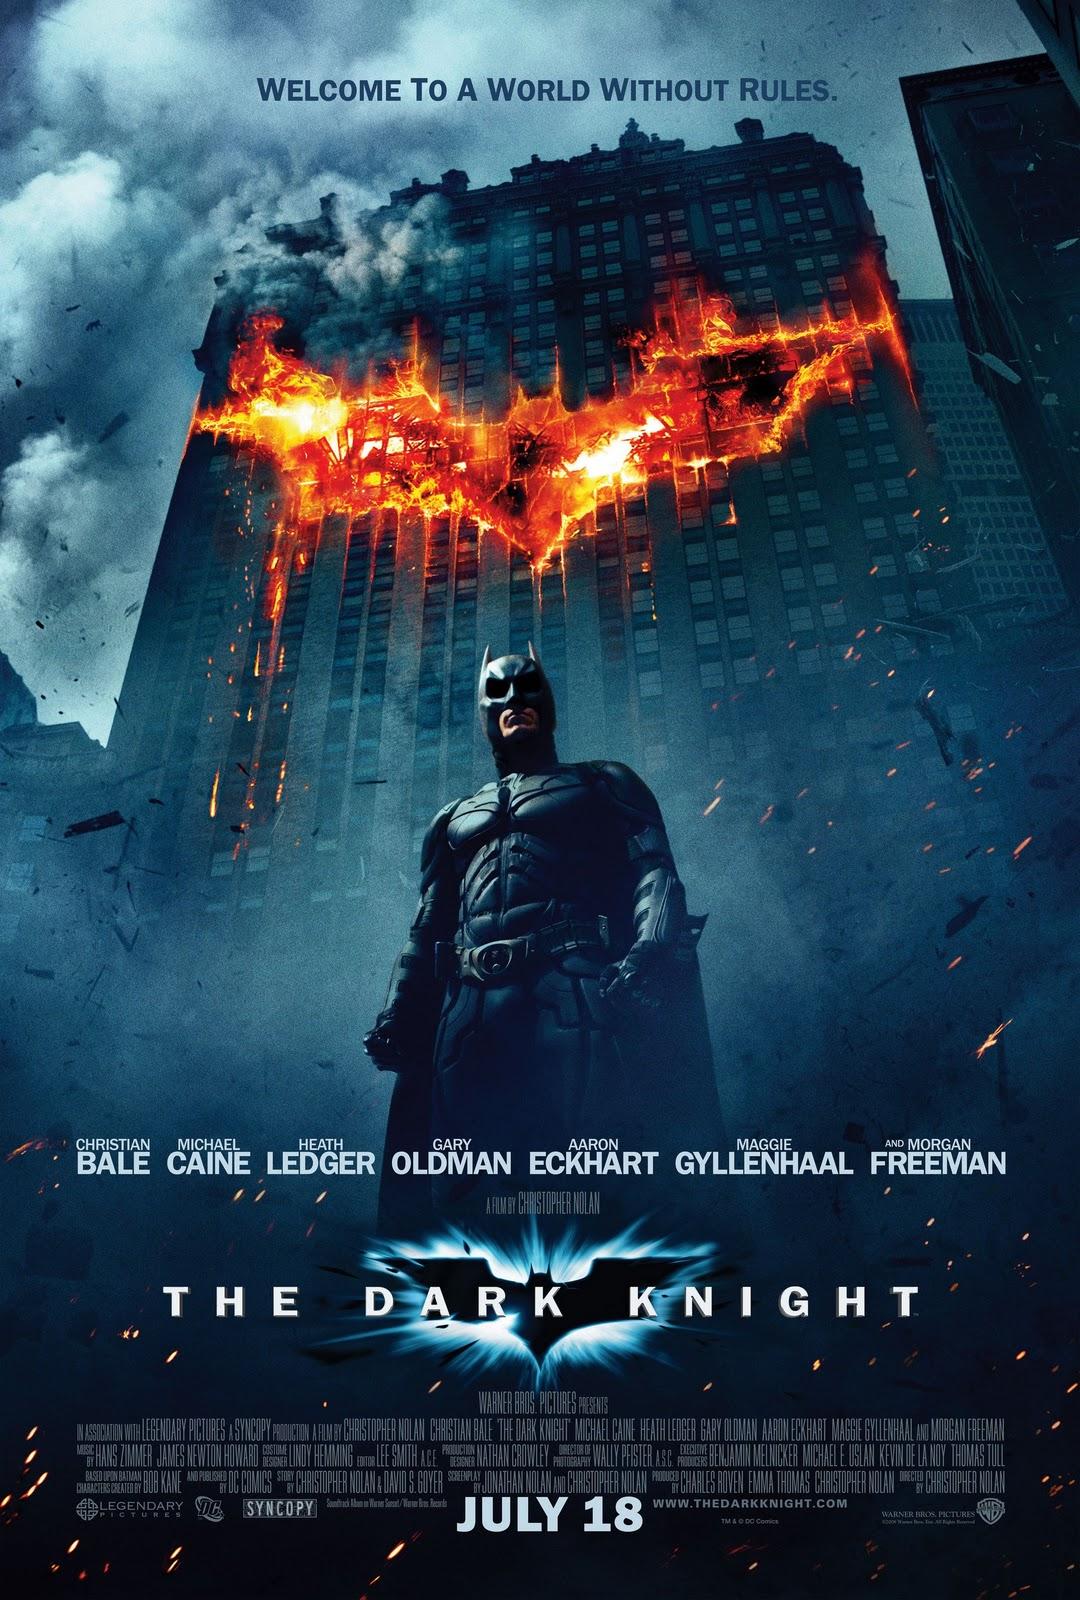 http://2.bp.blogspot.com/-9COkUFJjfC8/Tvb2b8wAvsI/AAAAAAAAGSs/TAx5ZnetWMQ/s1600/the_dark_knight_movie_poster.jpg